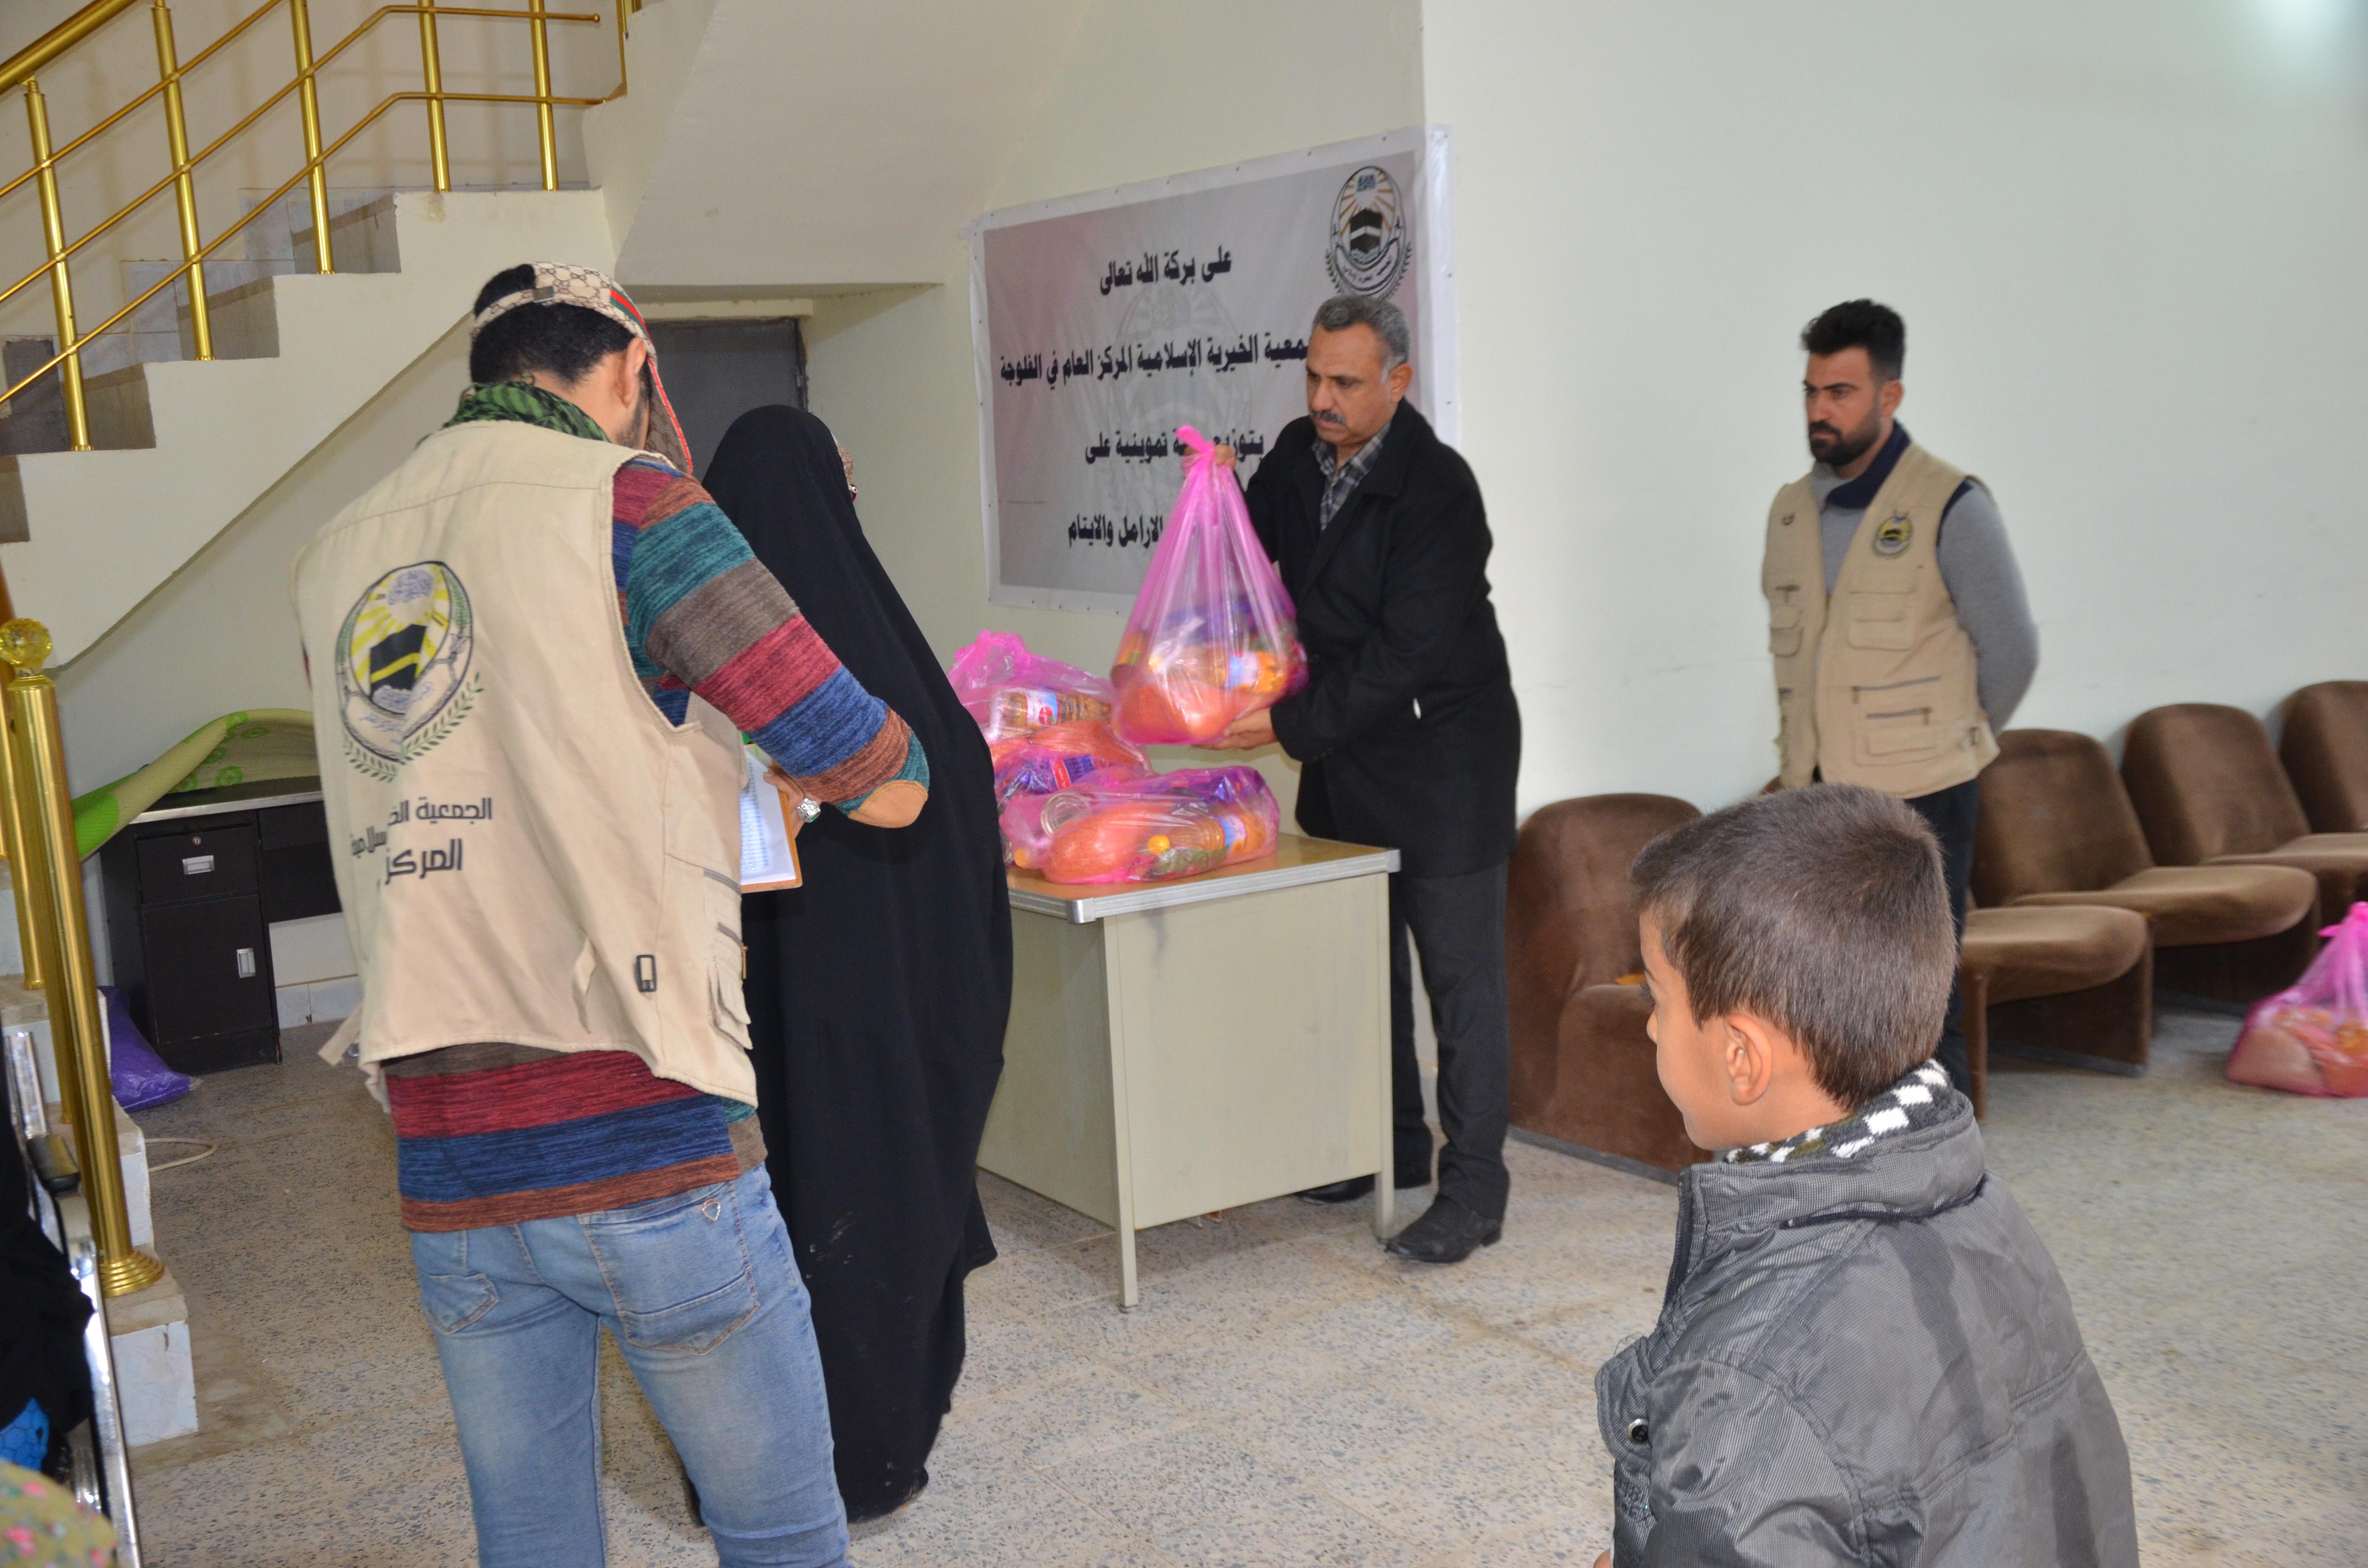 الجمعية الخيرية بالفلوجة توزع مساعدات غذائية على المتعففين